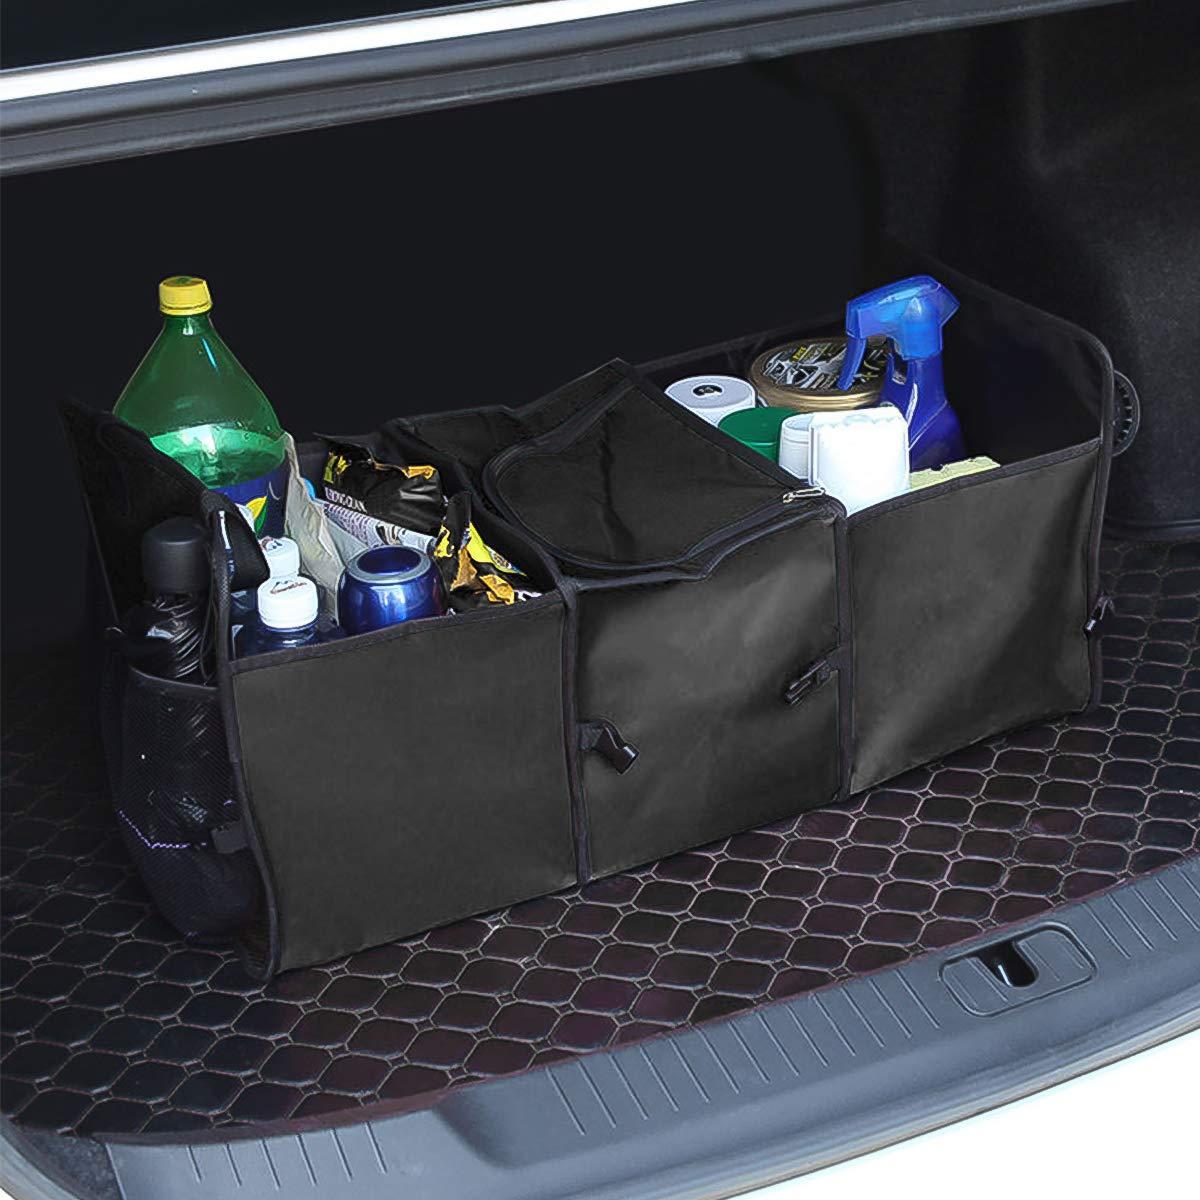 Blu Lato-Rete Ergocar Organizzatore per Auto Oxford Bagagliaio Auto Organizer con Multi Tasca Organizzatore di Immagazzinaggio con Sacchetto Isolante in Lamina per SUV//Auto//Camion